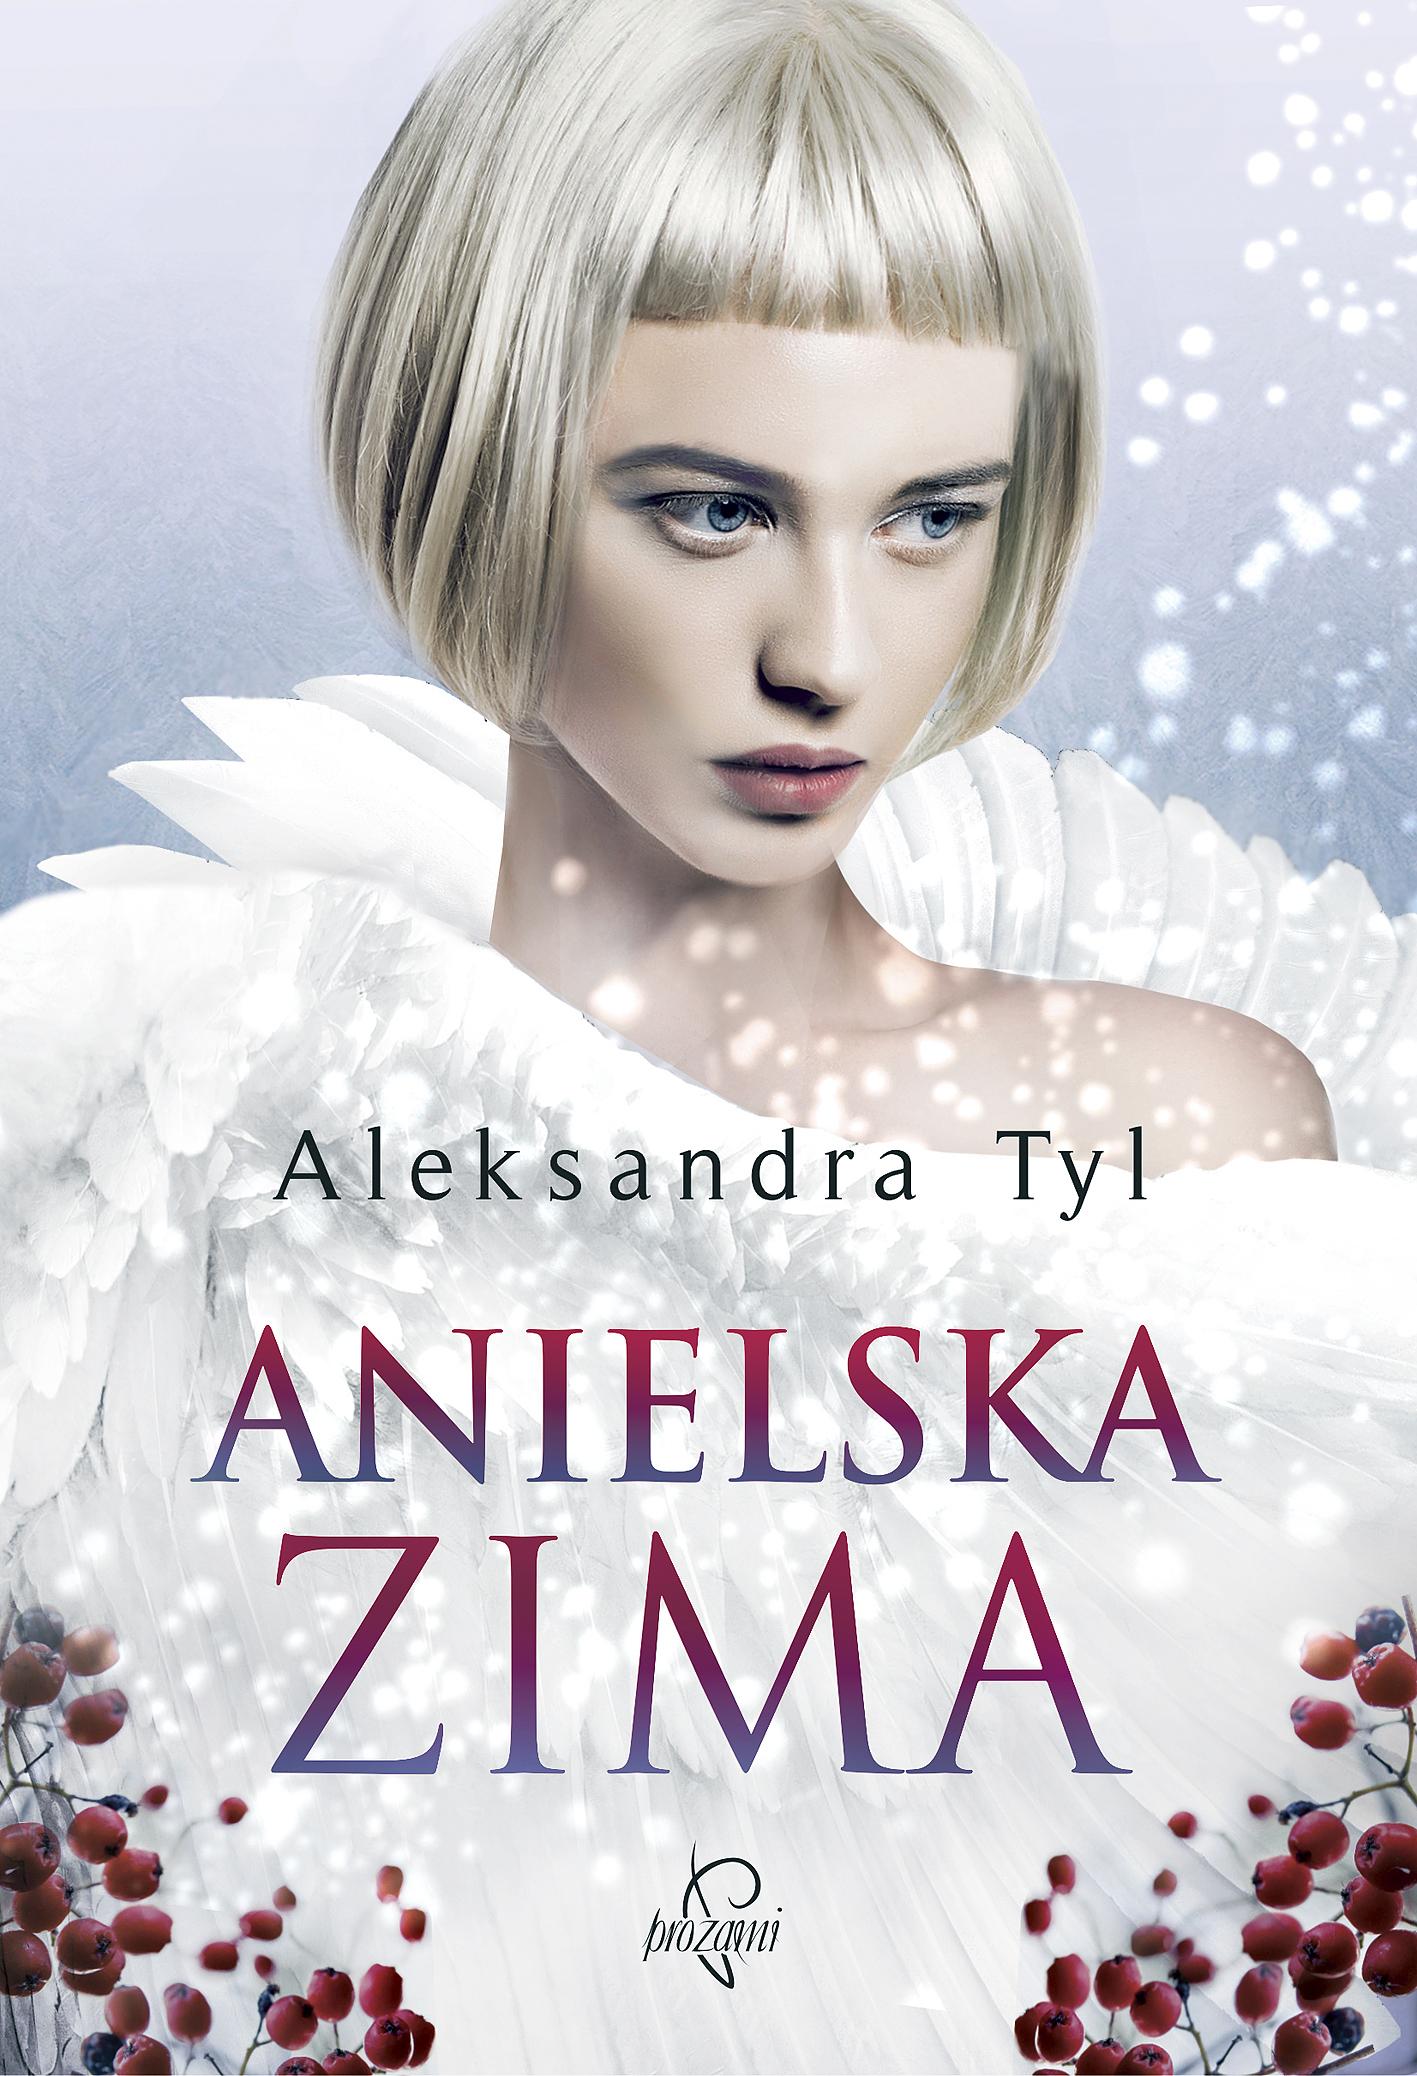 ANIELSKA ZIMA, ALEKSANDRA TYL - recenzja